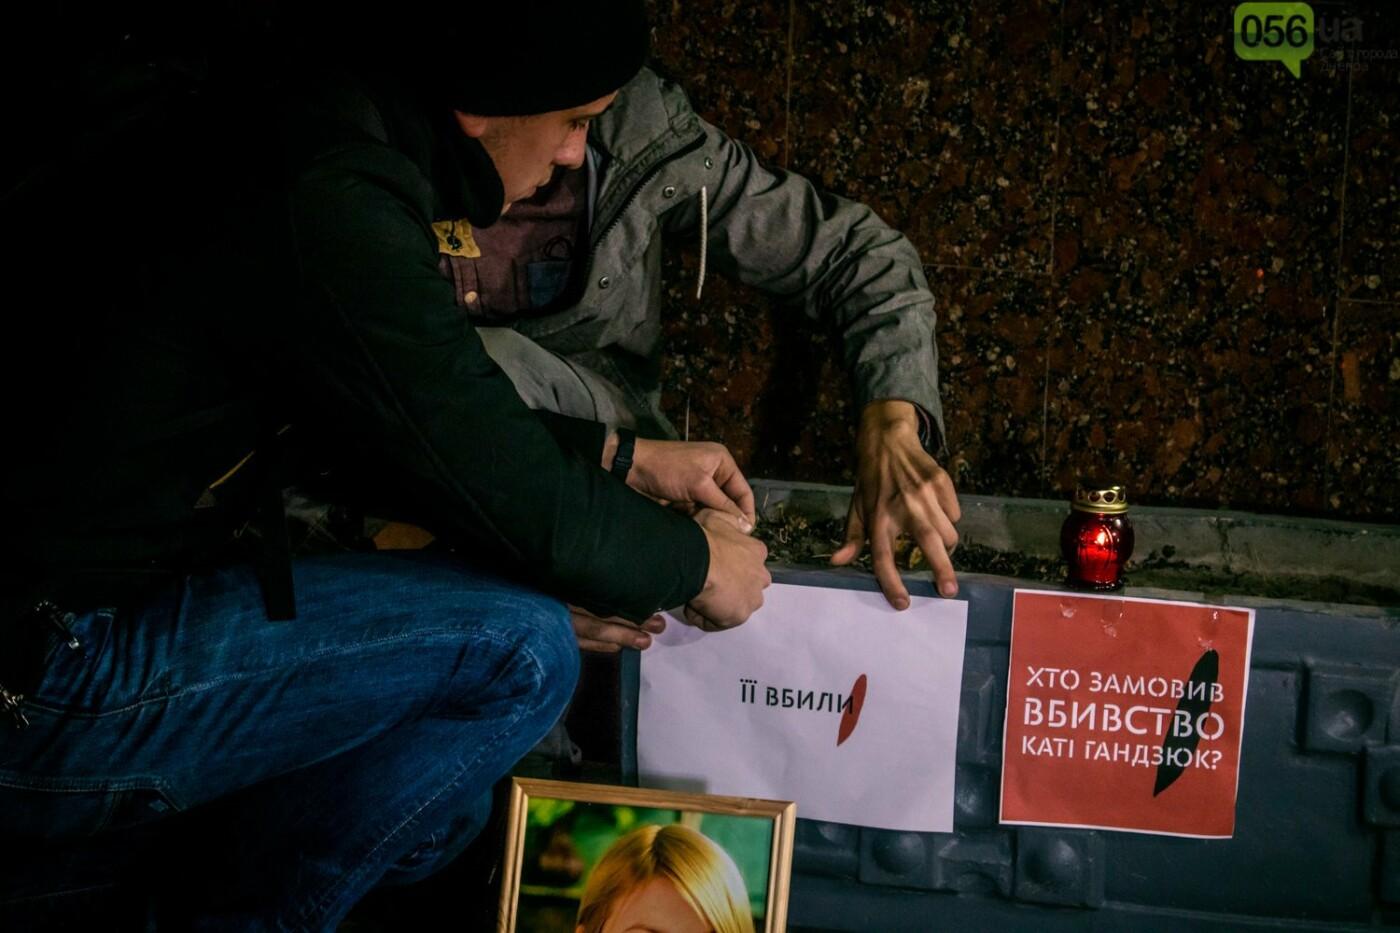 «Чтобы полиция передала «привет» на Киев»: в Днепре прошел вечер памяти погибшей активистки Кати Гандзюк, - ФОТО, ВИДЕО, фото-8